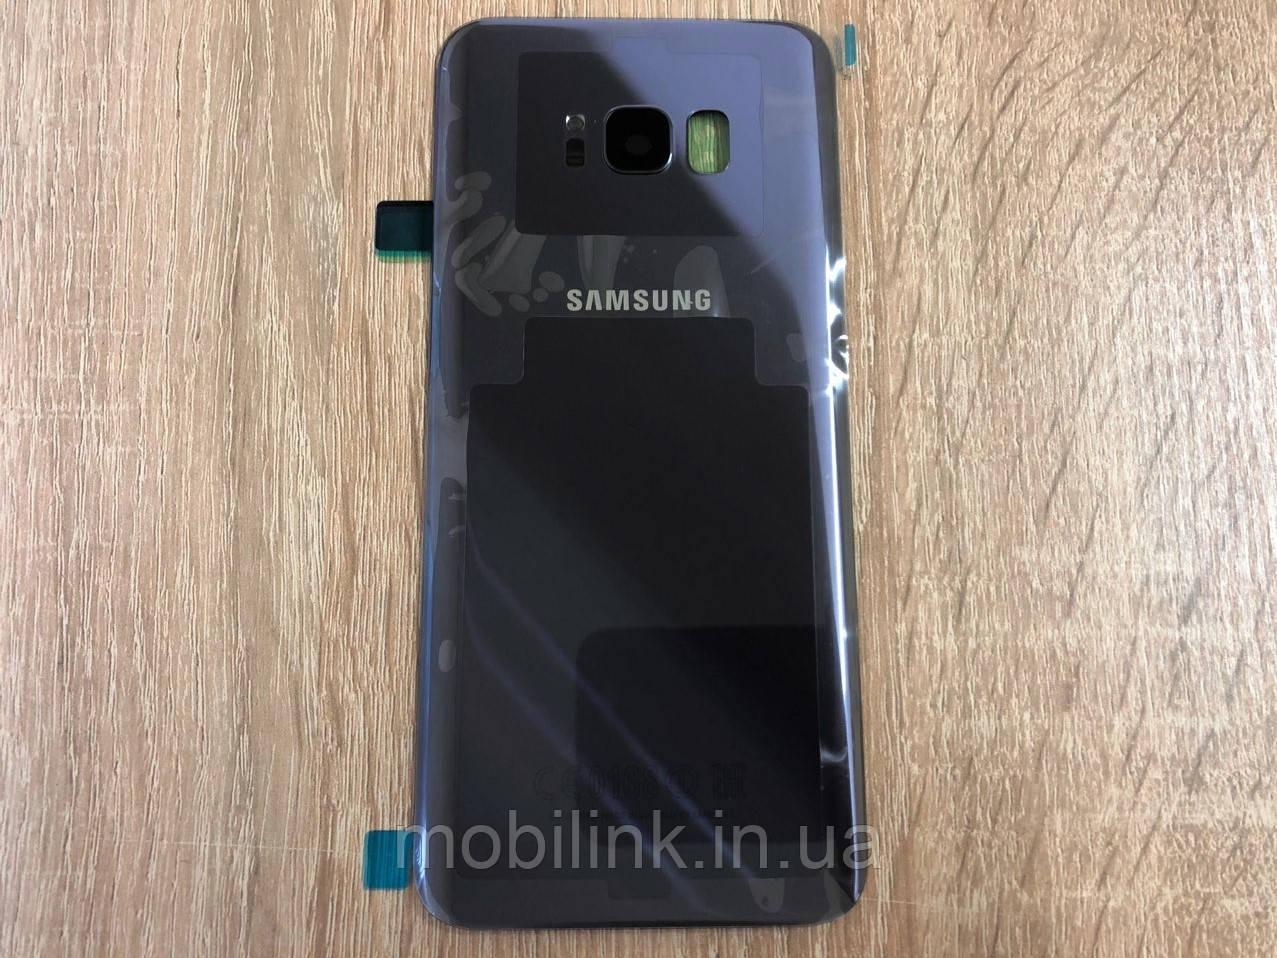 36427a6839a4f Крышка задняя Samsung SM-G955 Galaxy S8 Plus Duos,Серая Orchid Grey  оригинал!